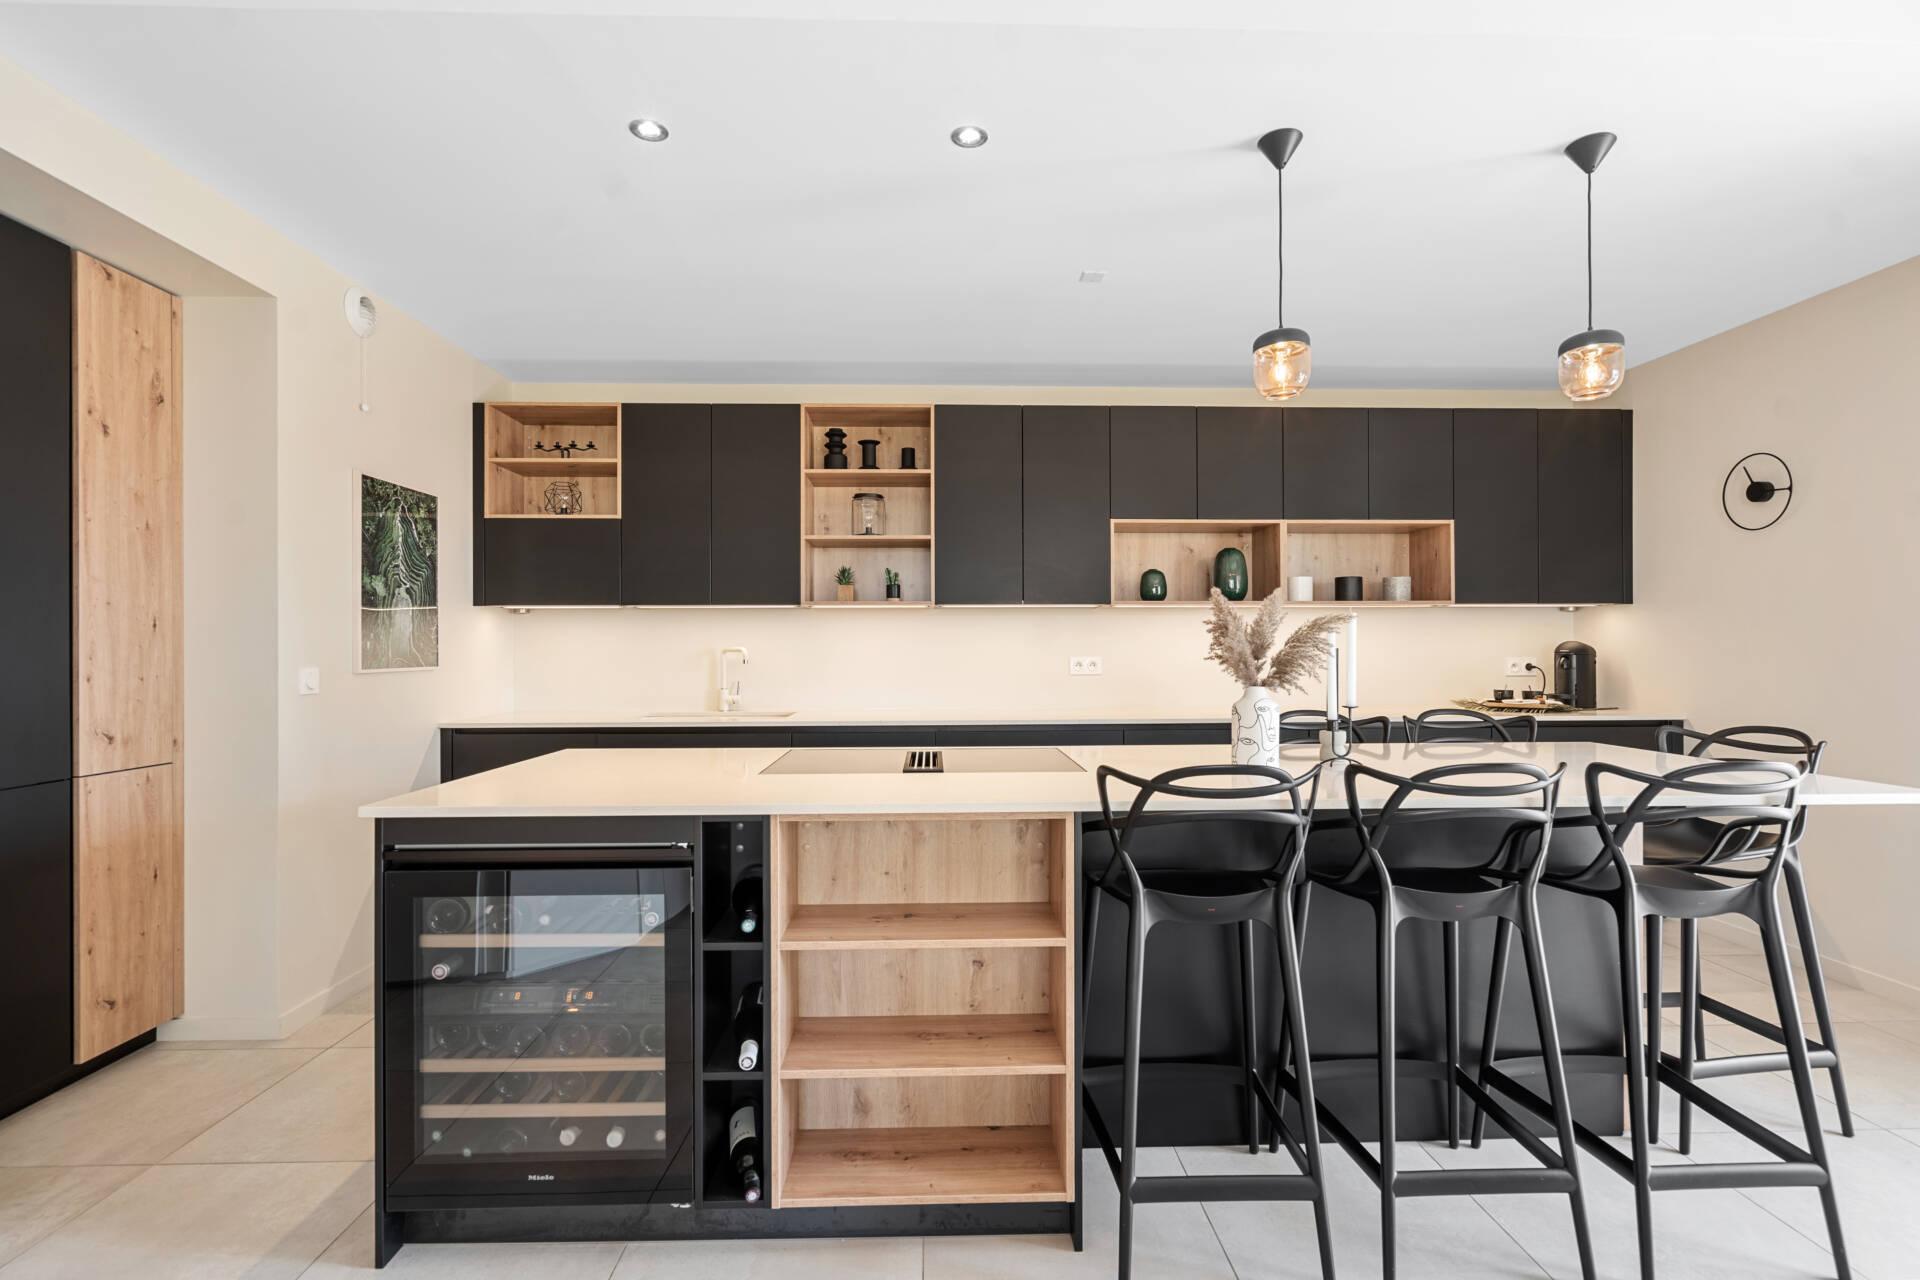 Décoration et agencement Appartement neuf Aix en Provence - Cuisine noire et bois chaises masters, par Myll décors , Agence de décoration à Aix en Provence et dans le Var